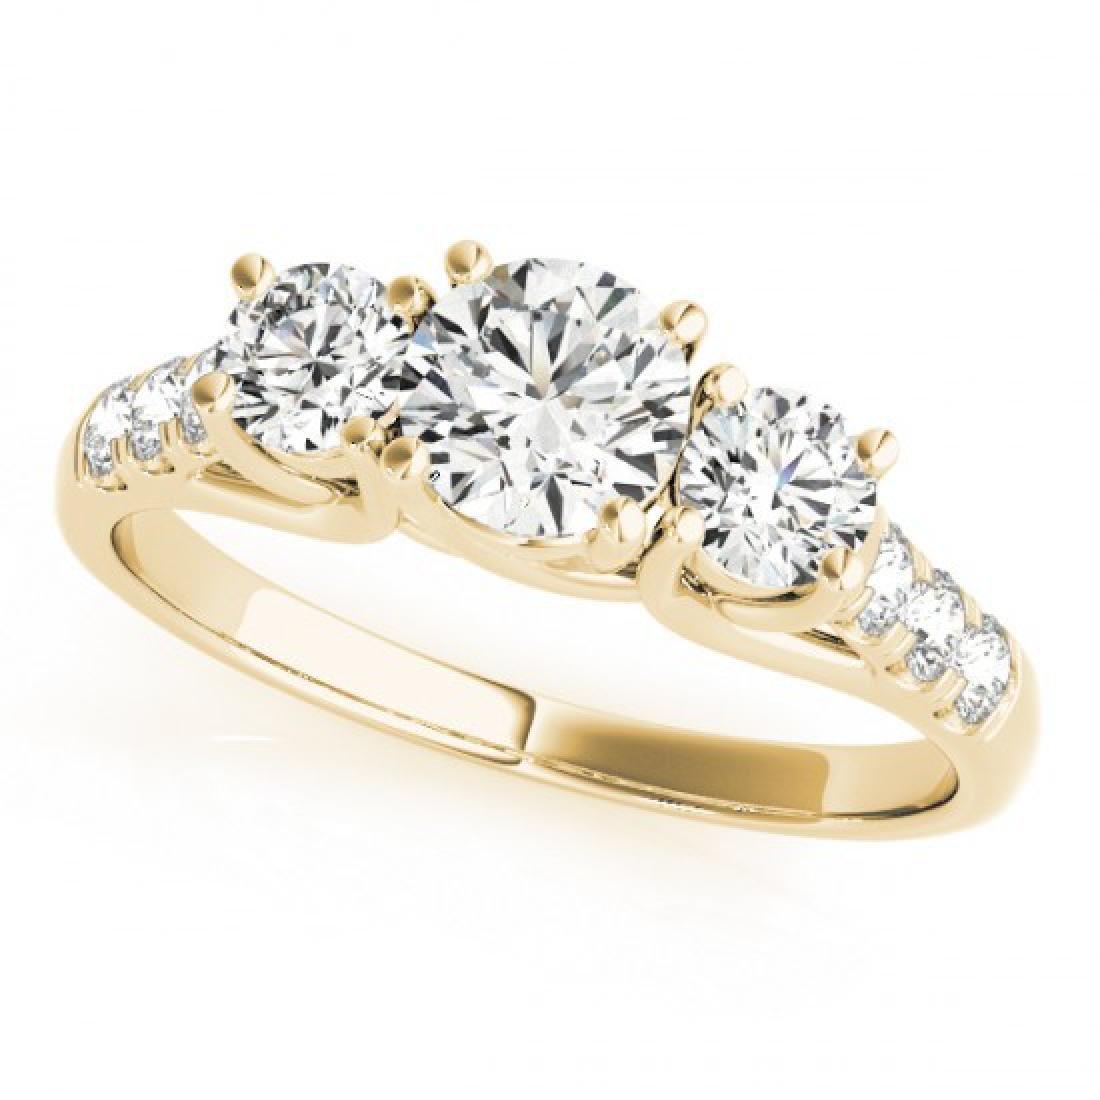 0.75 CTW Certified VS/SI Diamond 3 Stone Ring 14K - 2